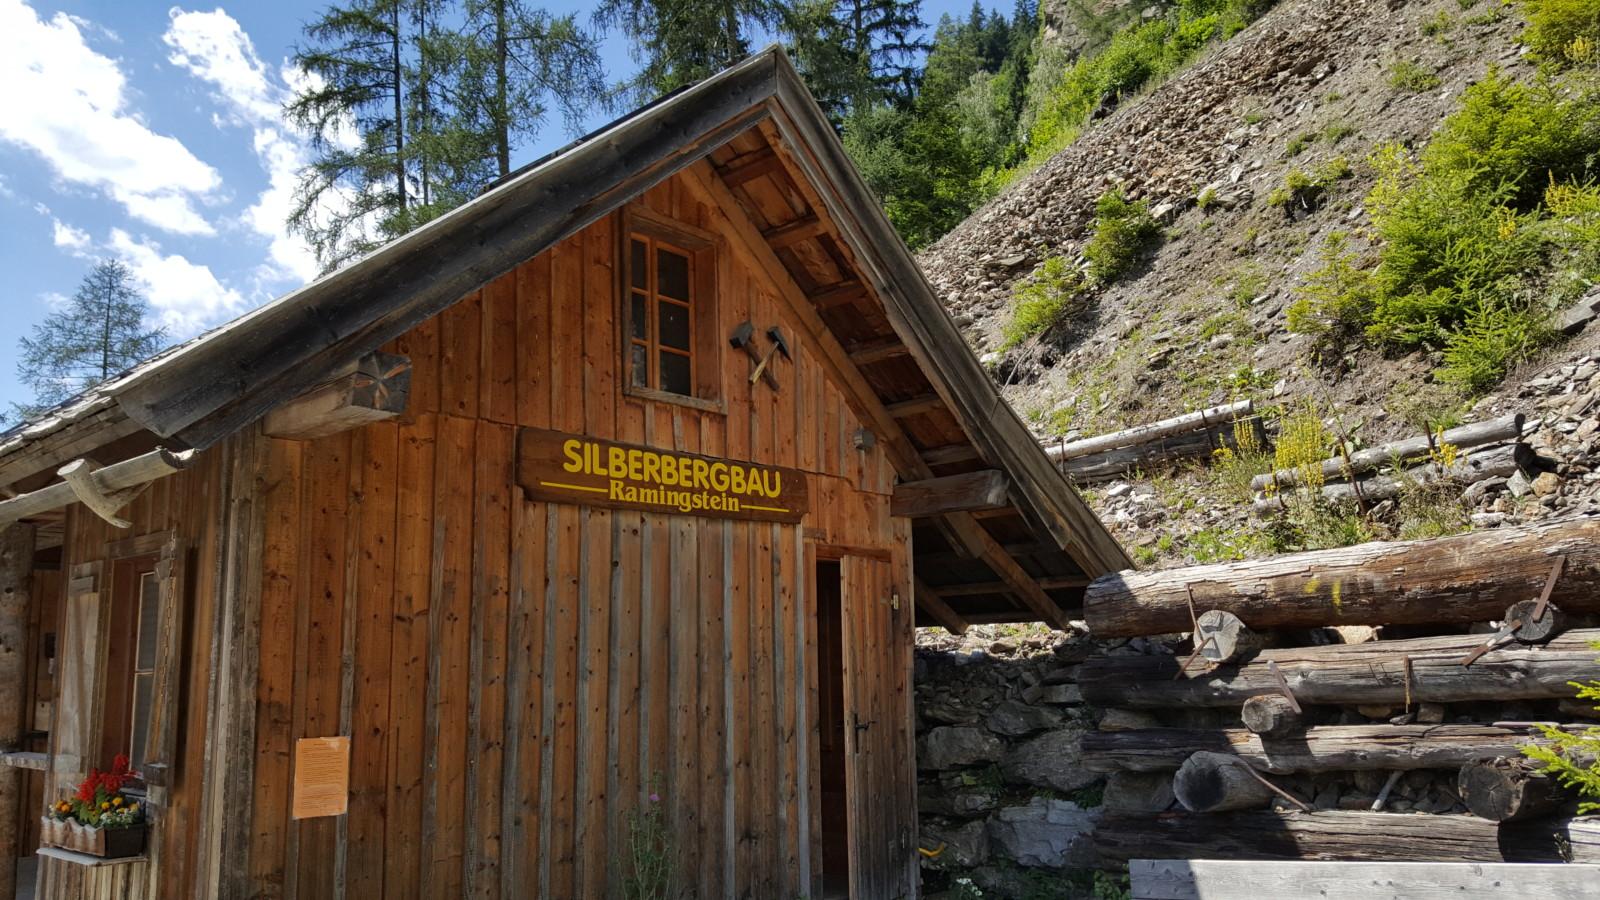 Silberbergwerk Ramingstein